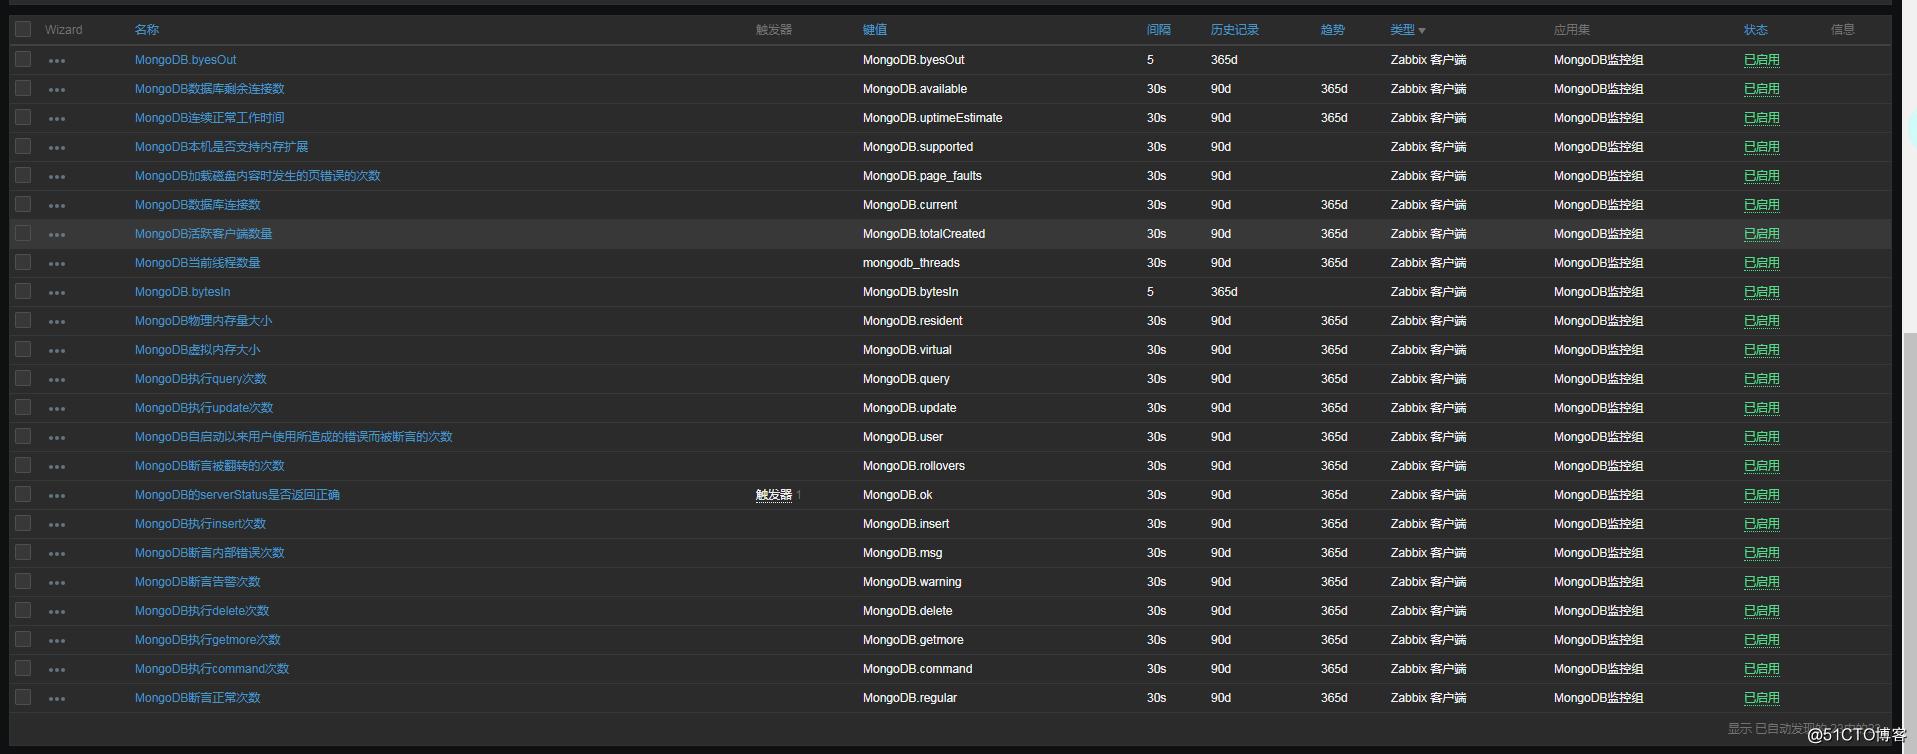 利用ZABBIX全面监控MongoDB数据库